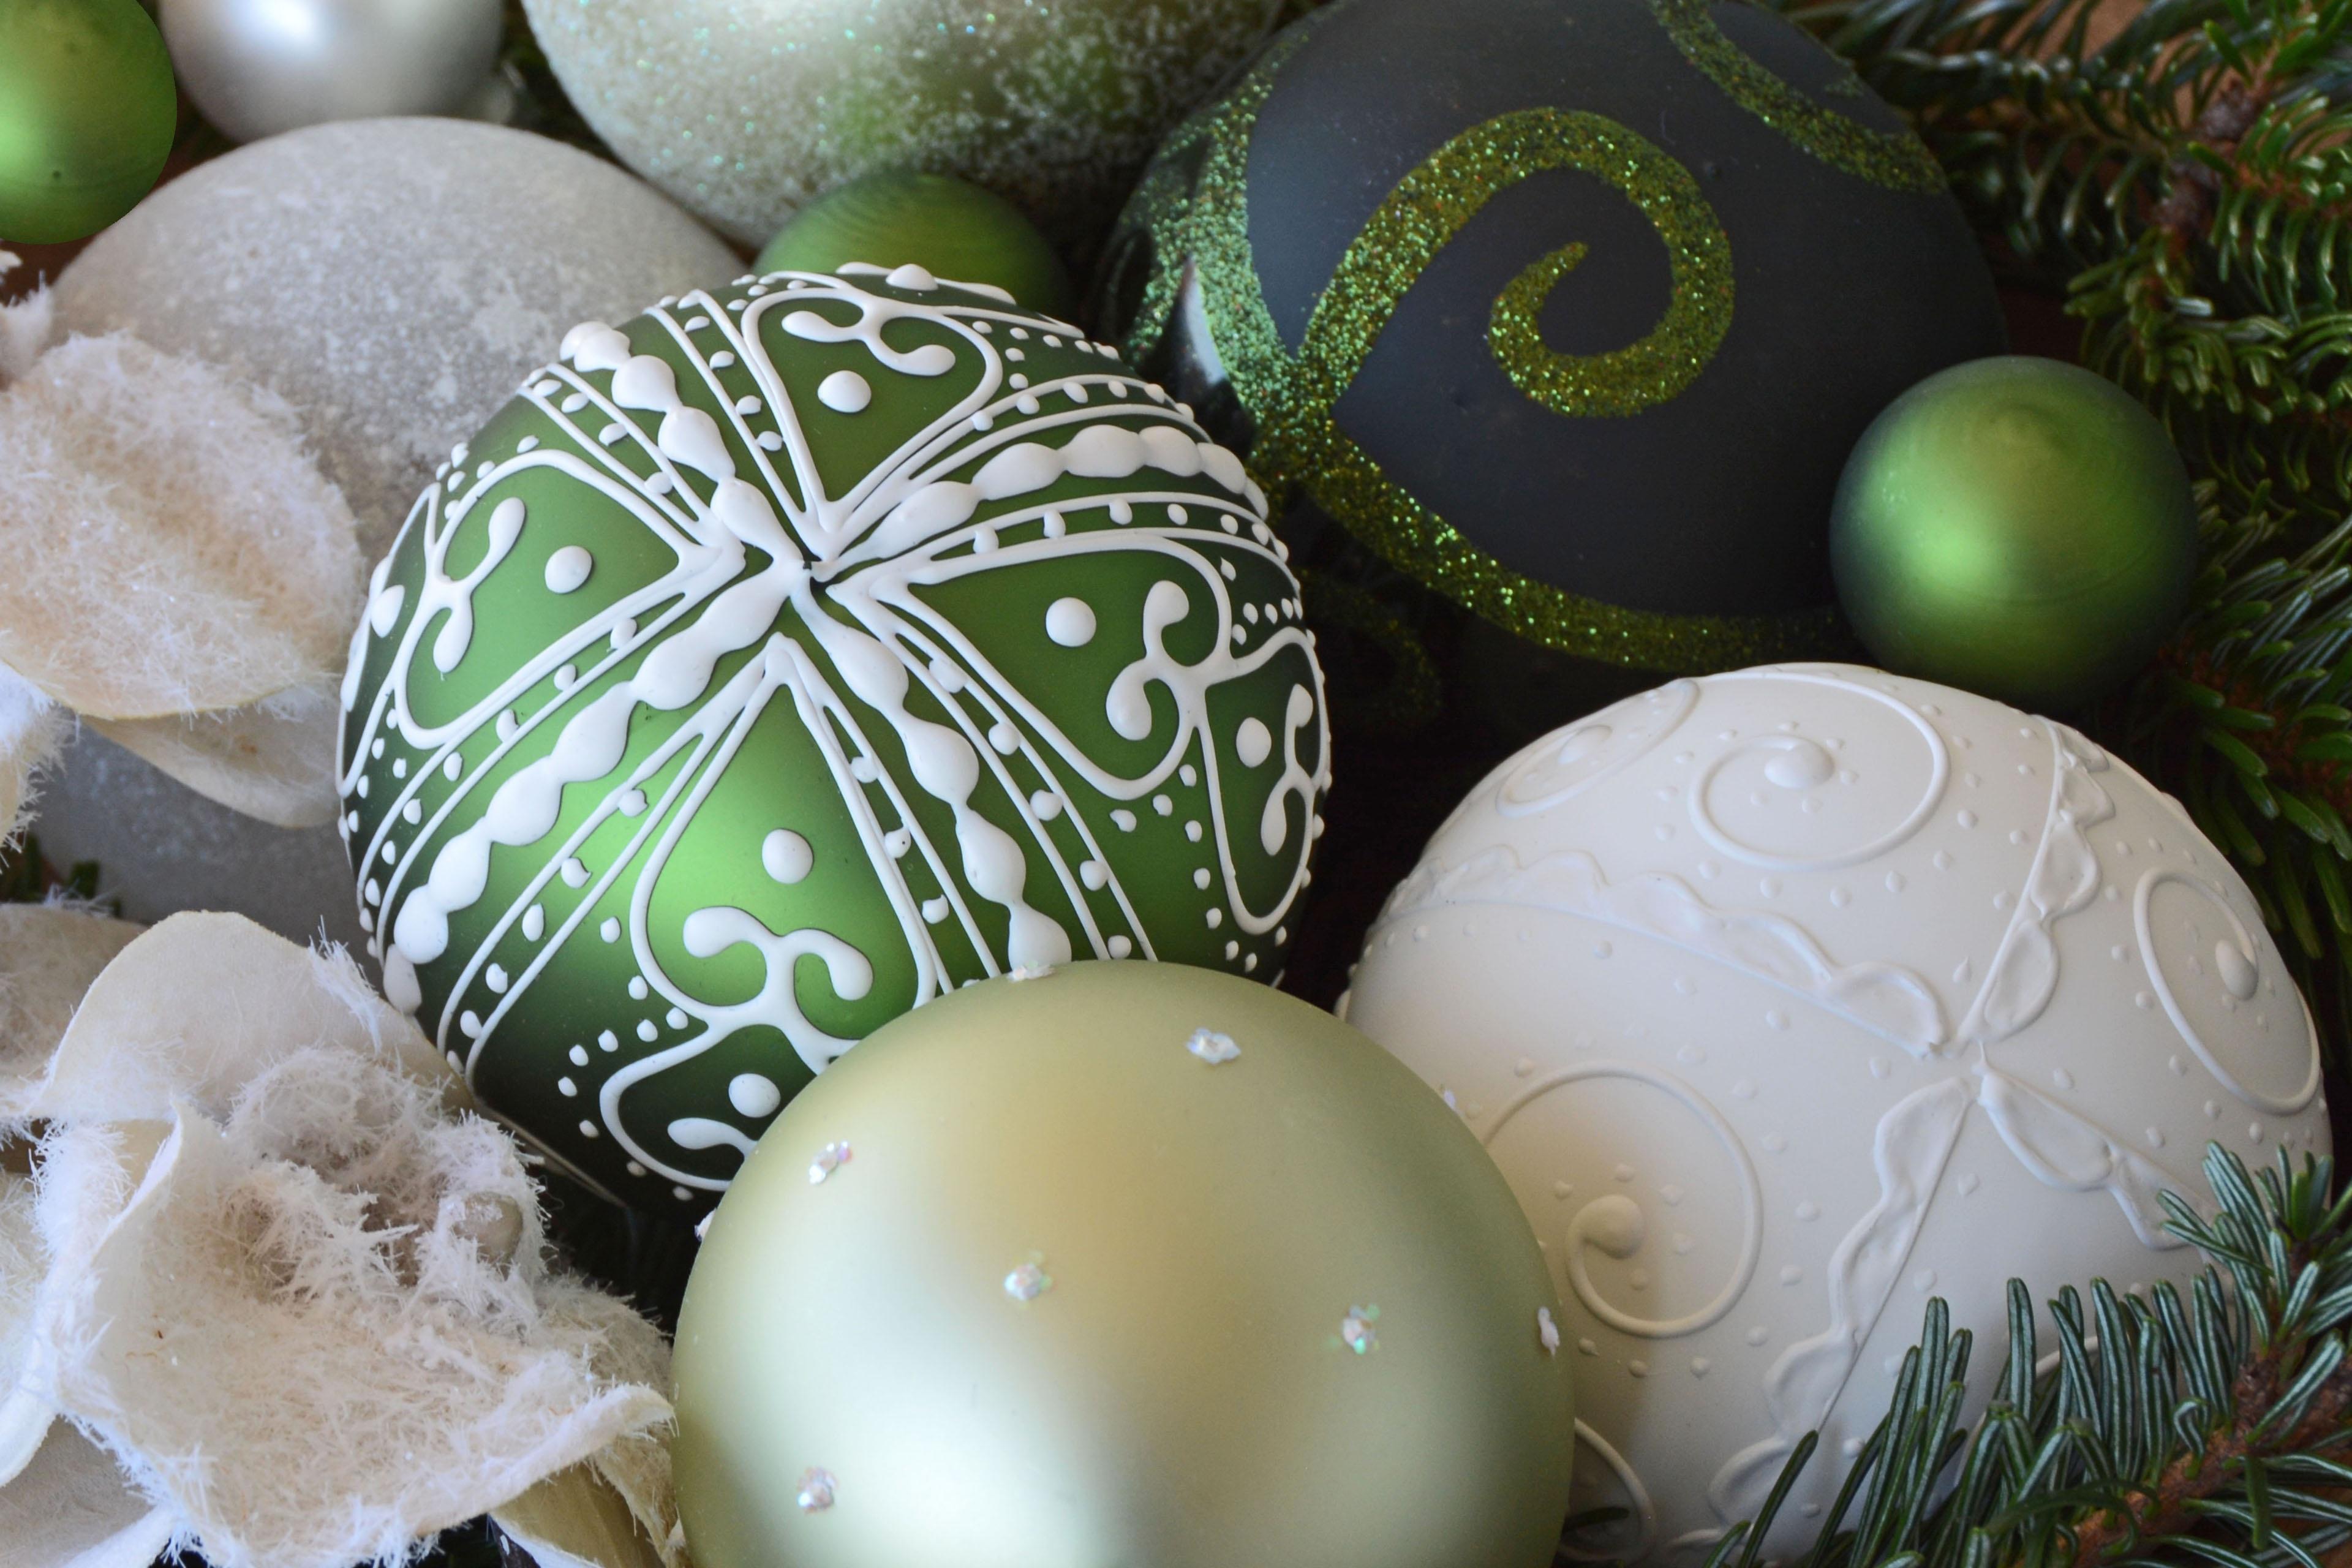 63196 Bildschirmschoner und Hintergrundbilder Feiertage auf Ihrem Telefon. Laden Sie Feiertage, Neujahr, Neues Jahr, Weihnachtsschmuck, Weihnachtsbaum Spielzeug, Weihnachtskugeln Bilder kostenlos herunter